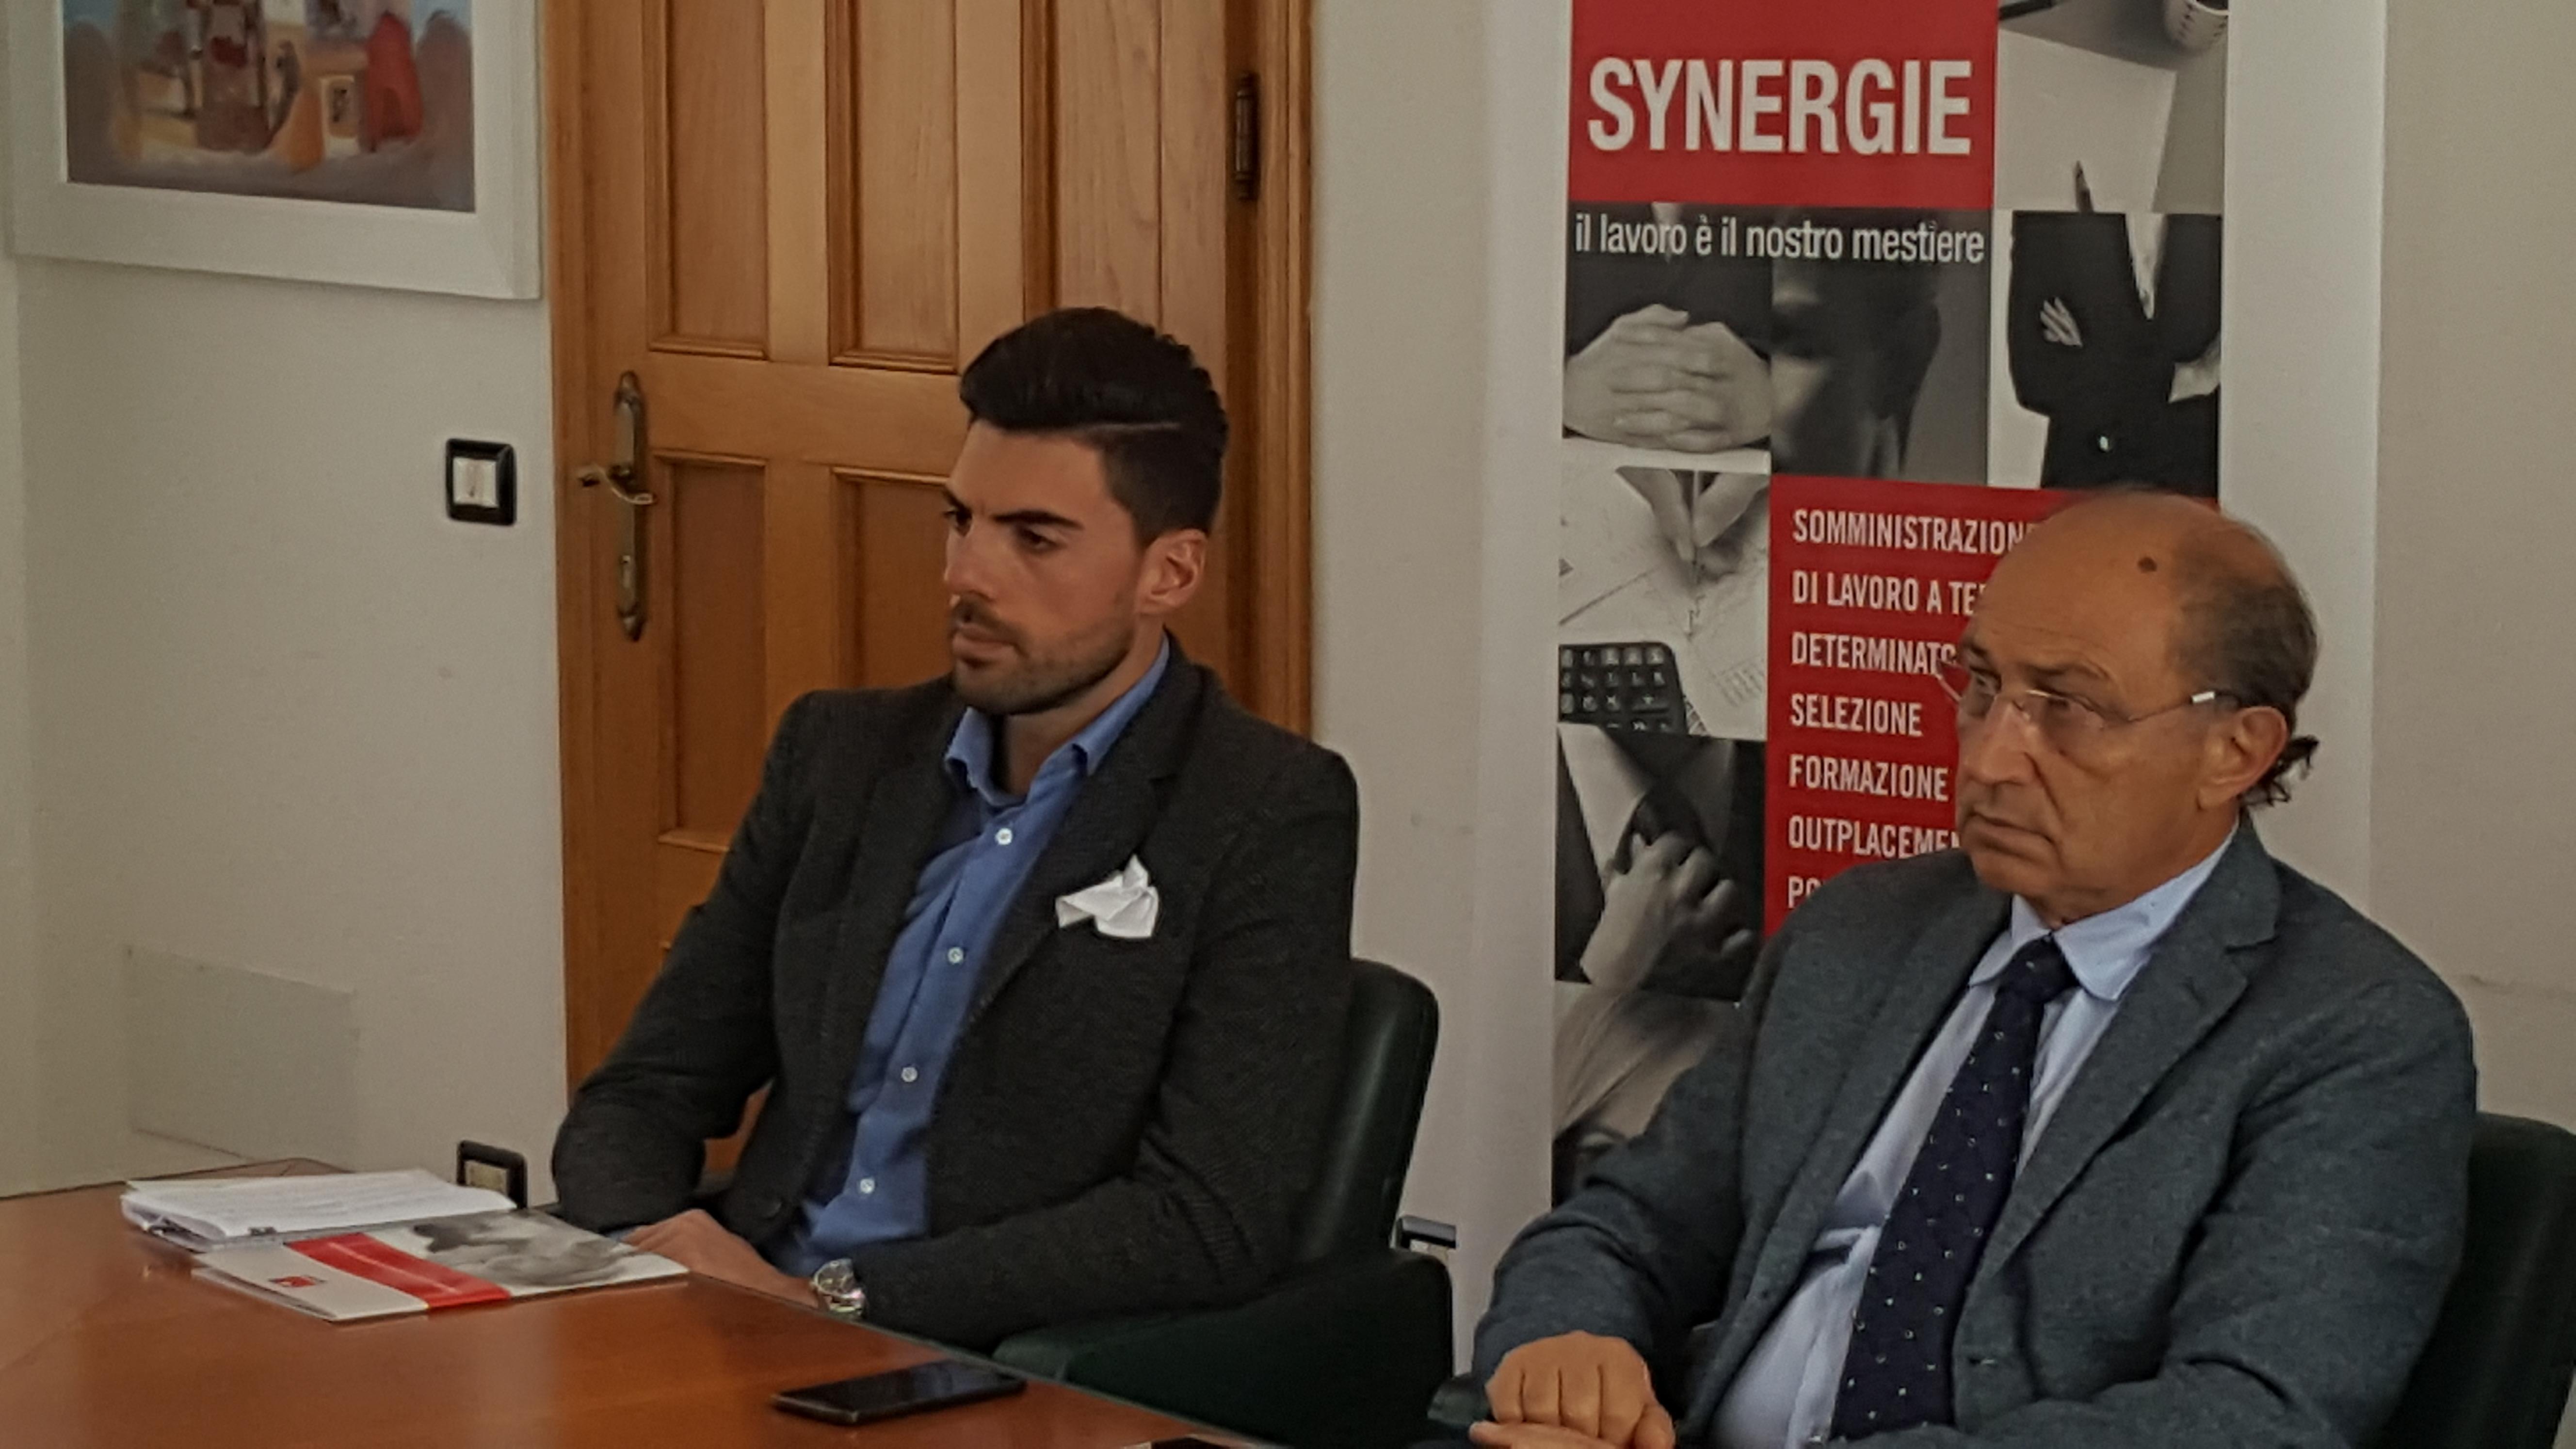 L'intervento di Synergie Italia s.p.a.